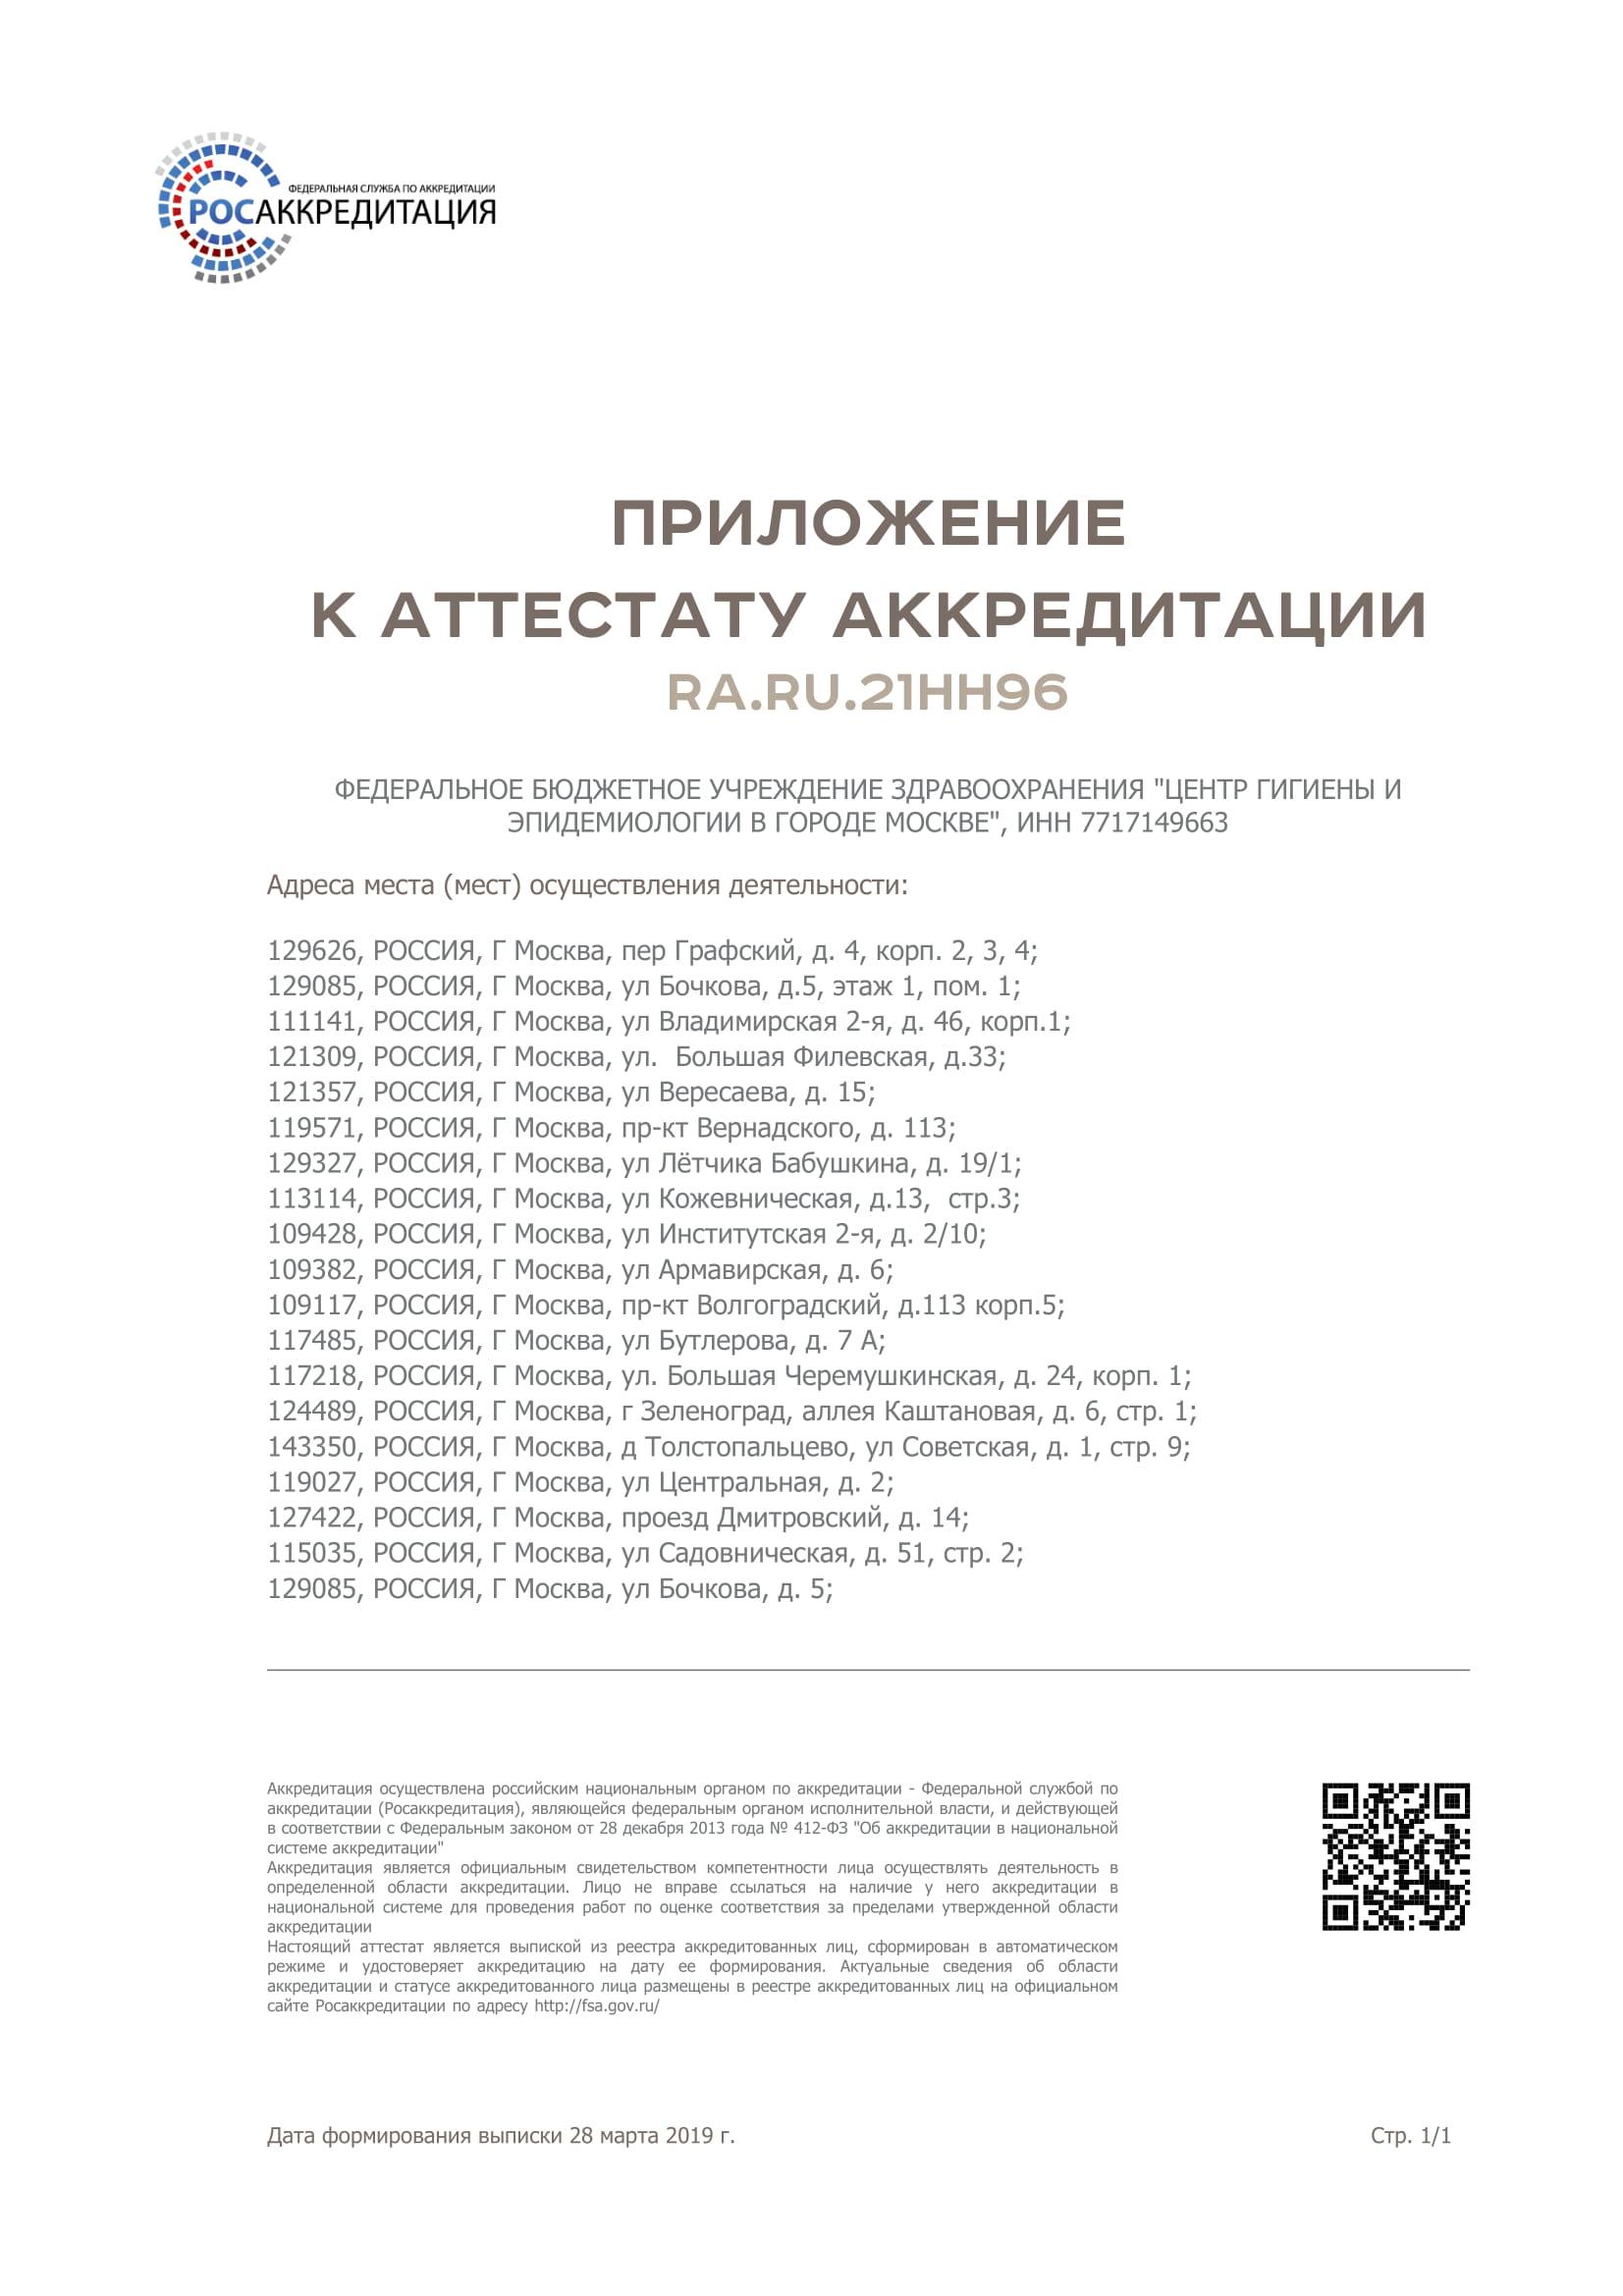 Фбуз центр гигиены и эпидемиологии медицинская книжка Черноголовка